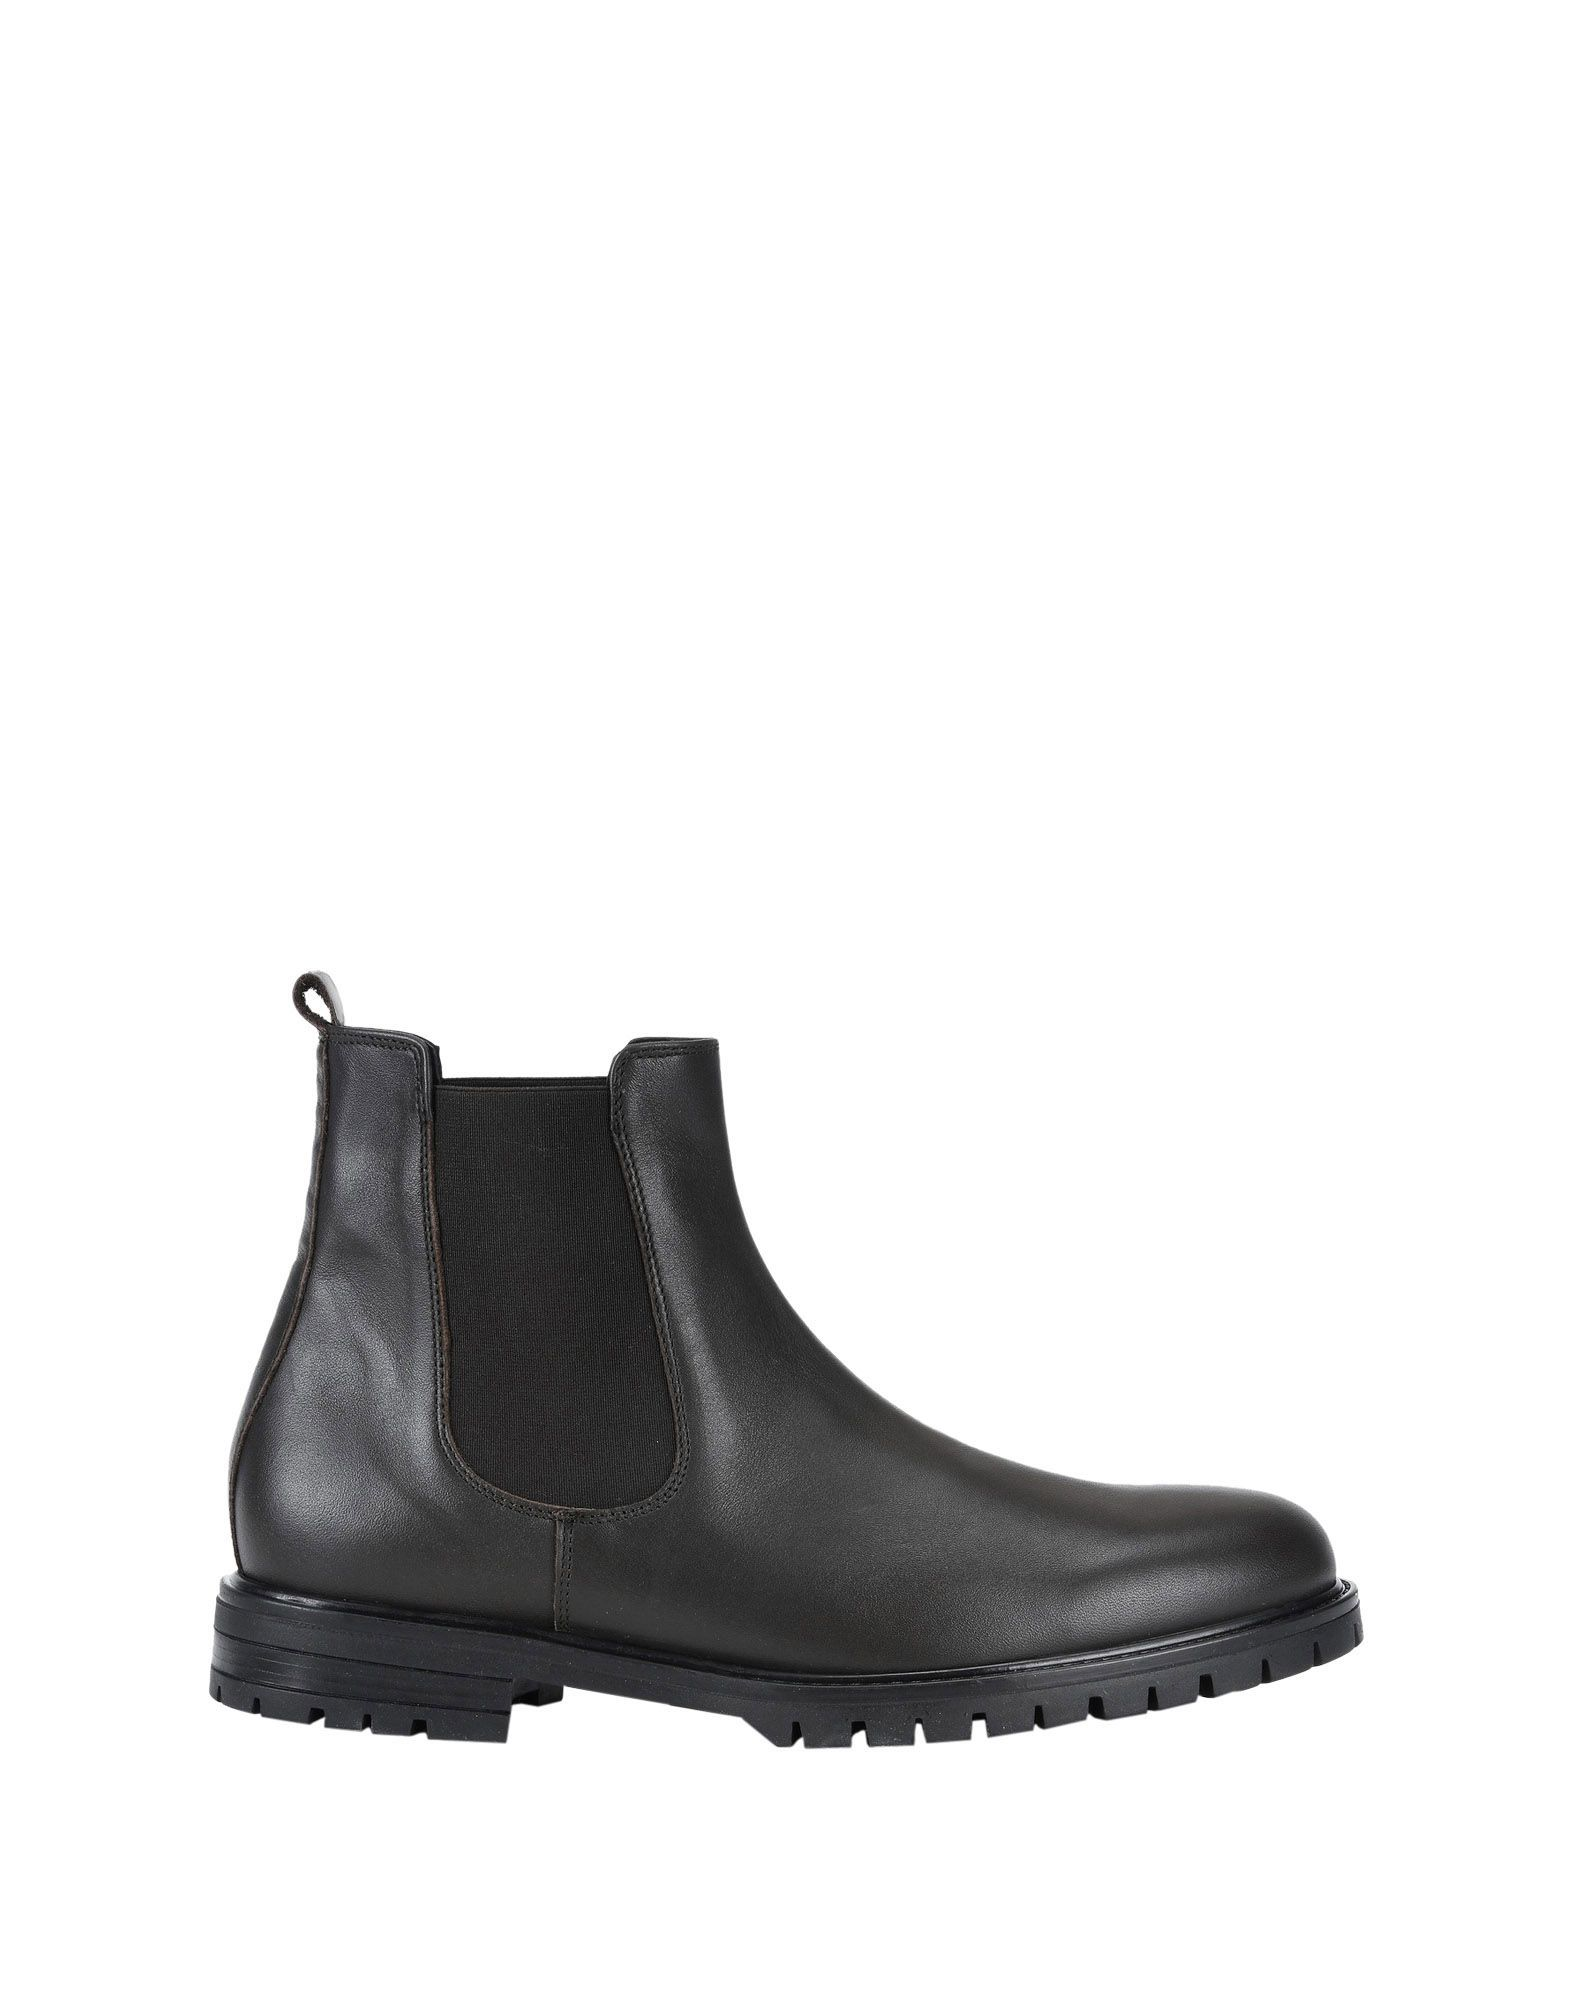 Ylati Heritage Stiefelette Herren  11483080MW Gute Qualität beliebte Schuhe